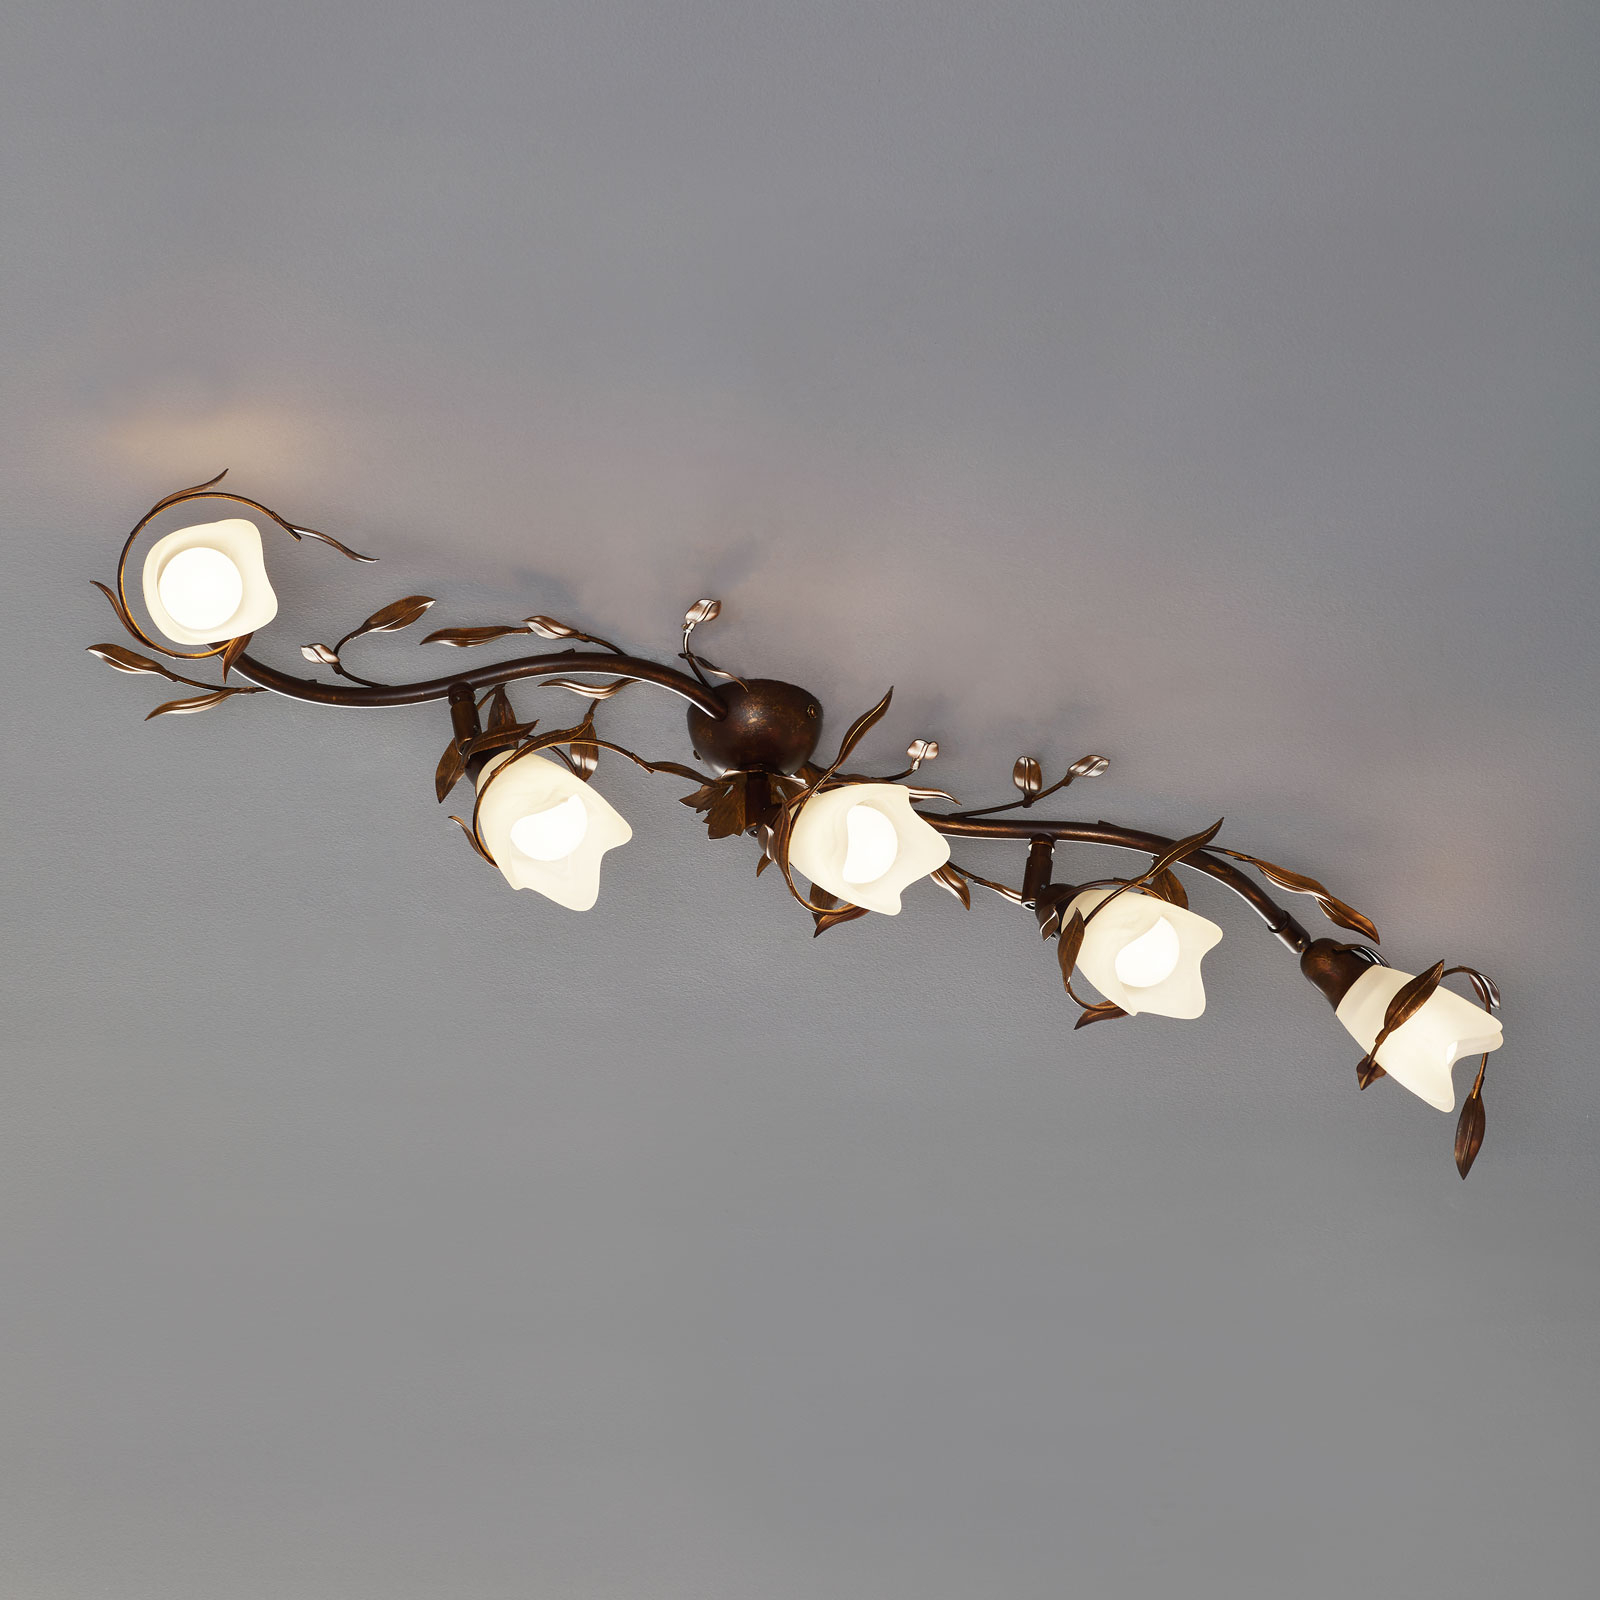 Plafonnier Campana à 5 lampes, arqué